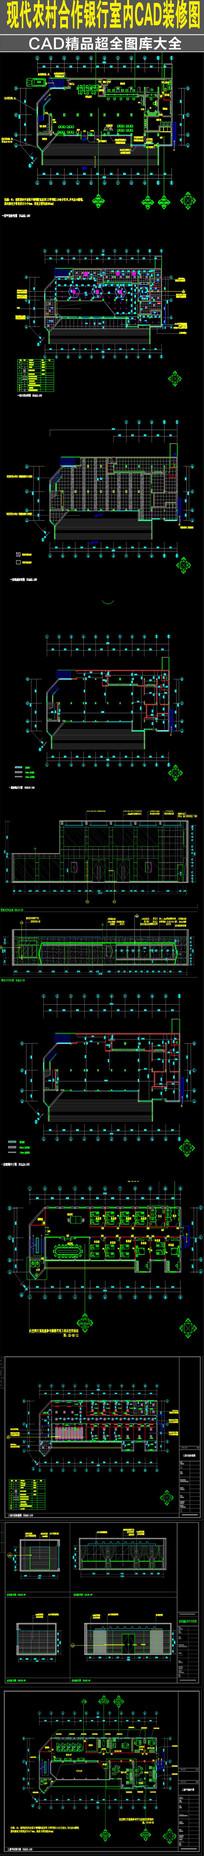 现代农村合作银行室内CAD